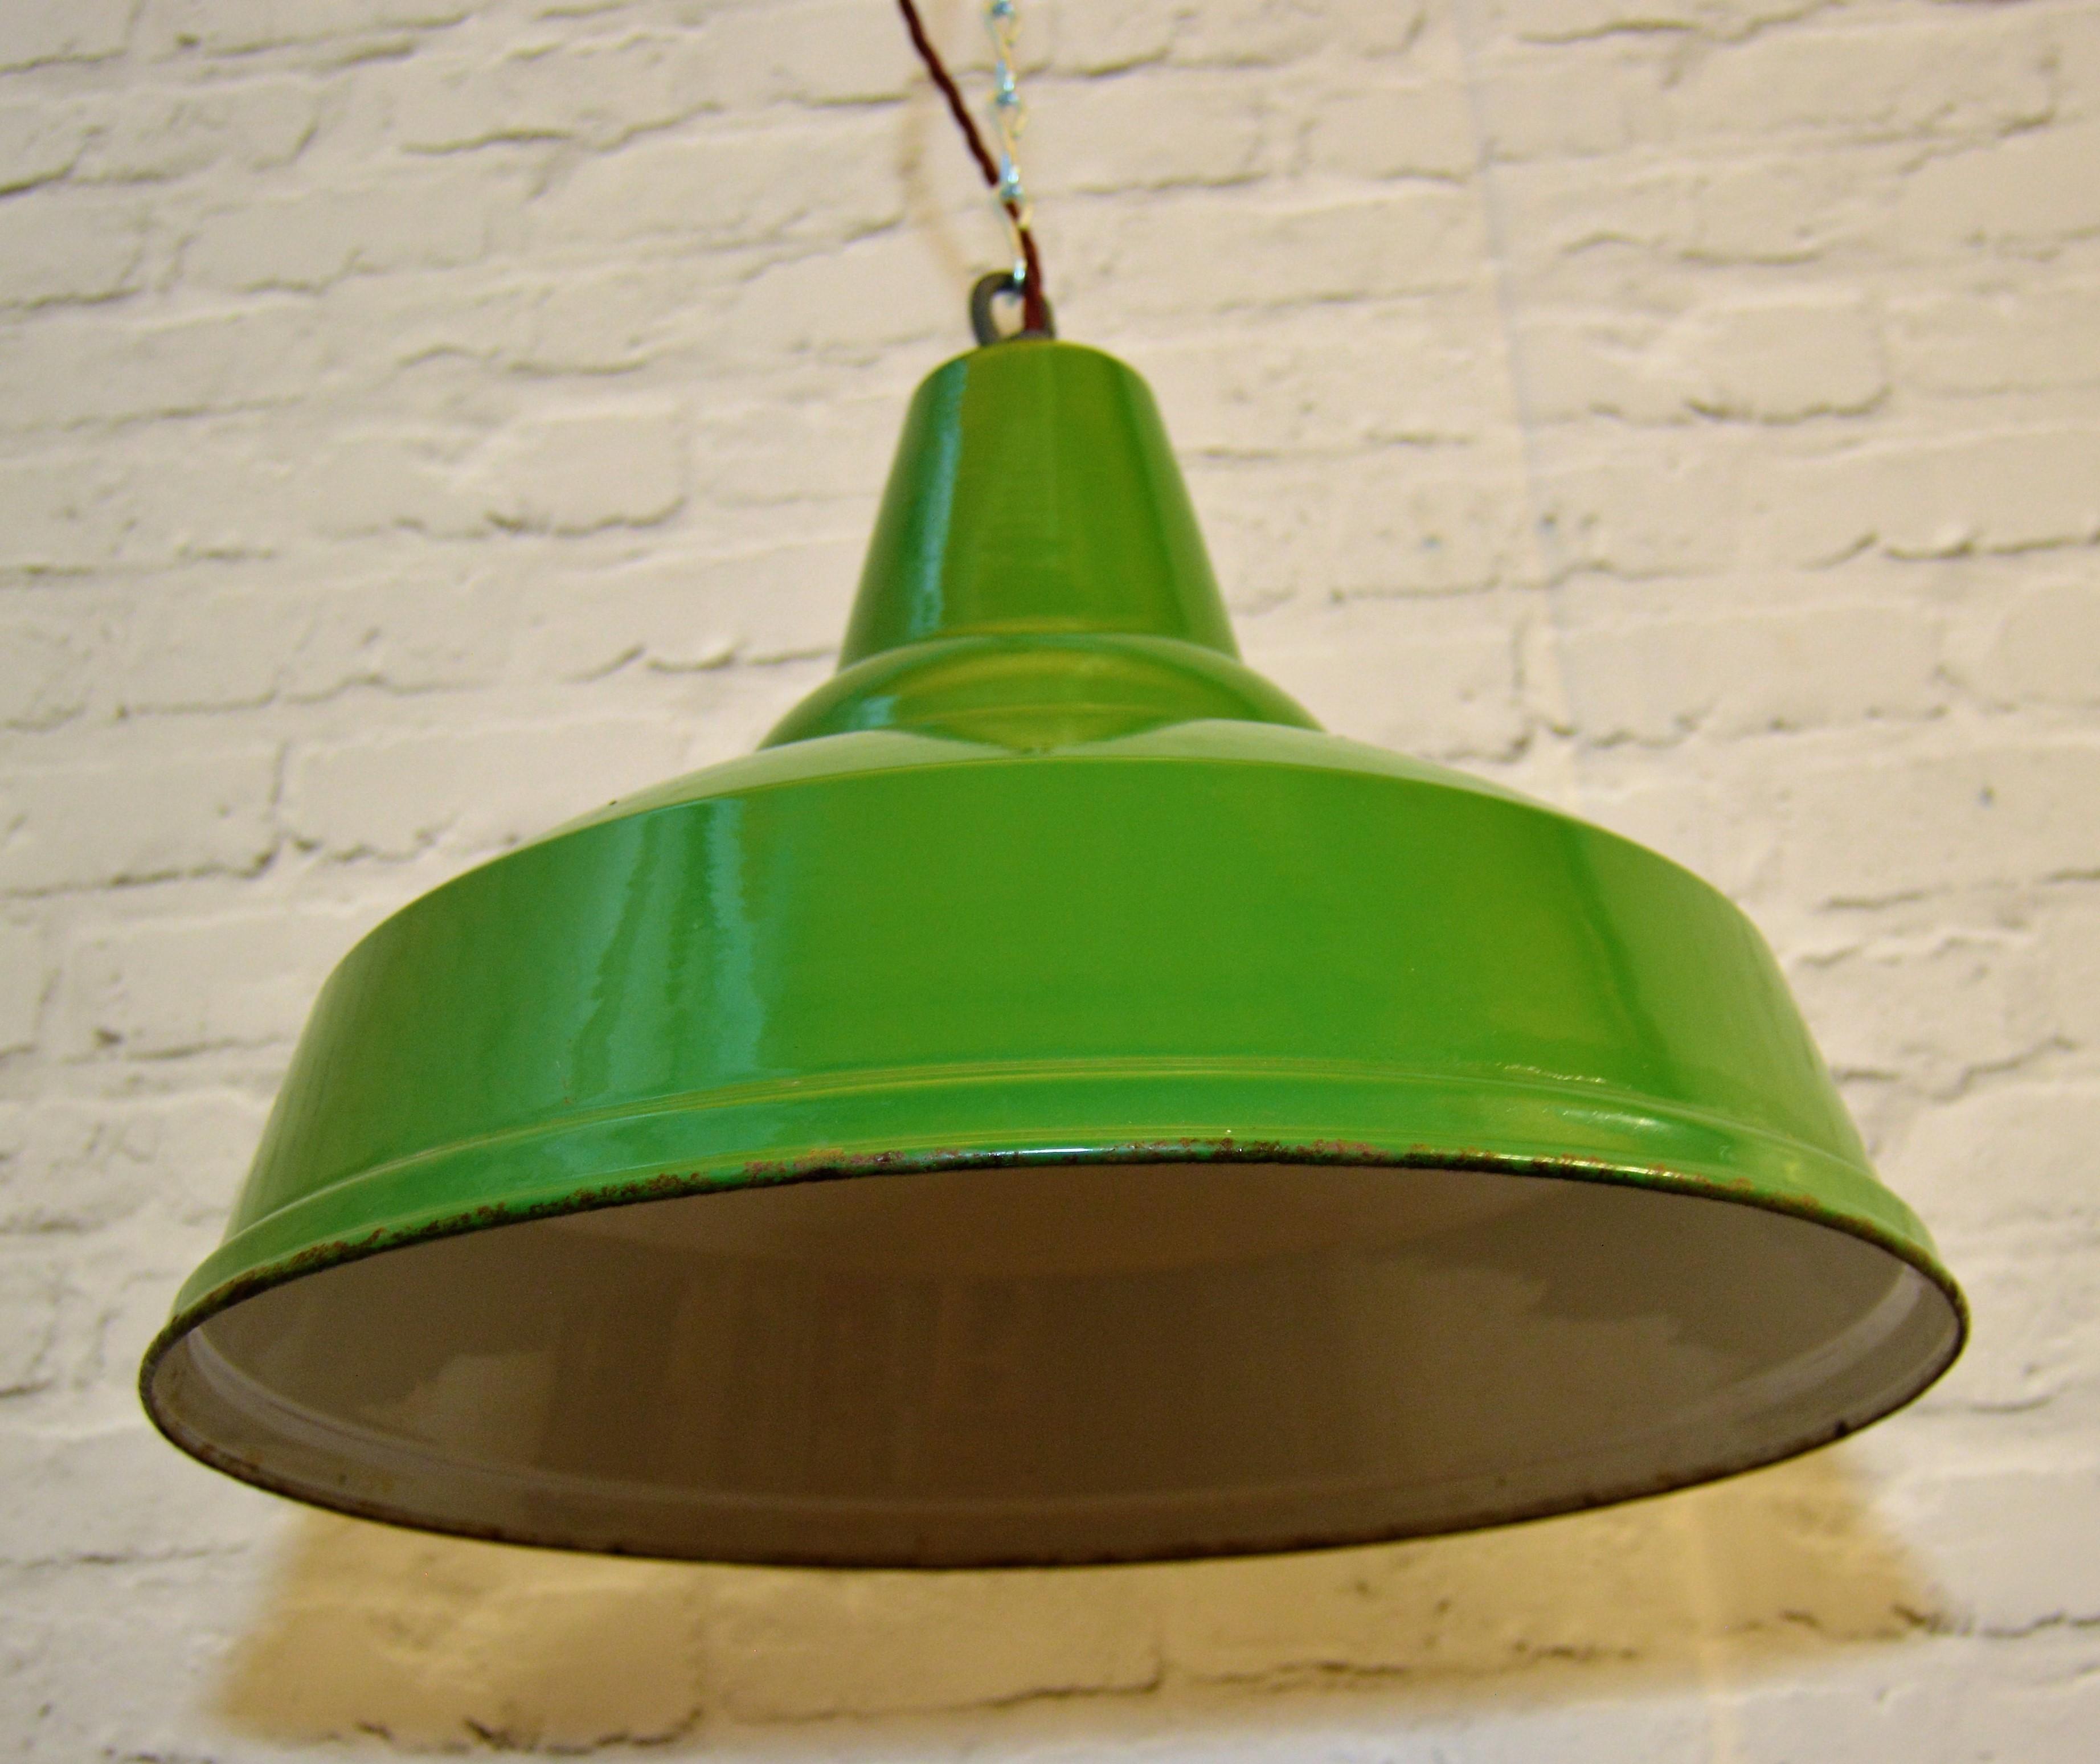 1950s R E A L Pendant Lamps Light Enamel Antique Vintage Metal Factory Old